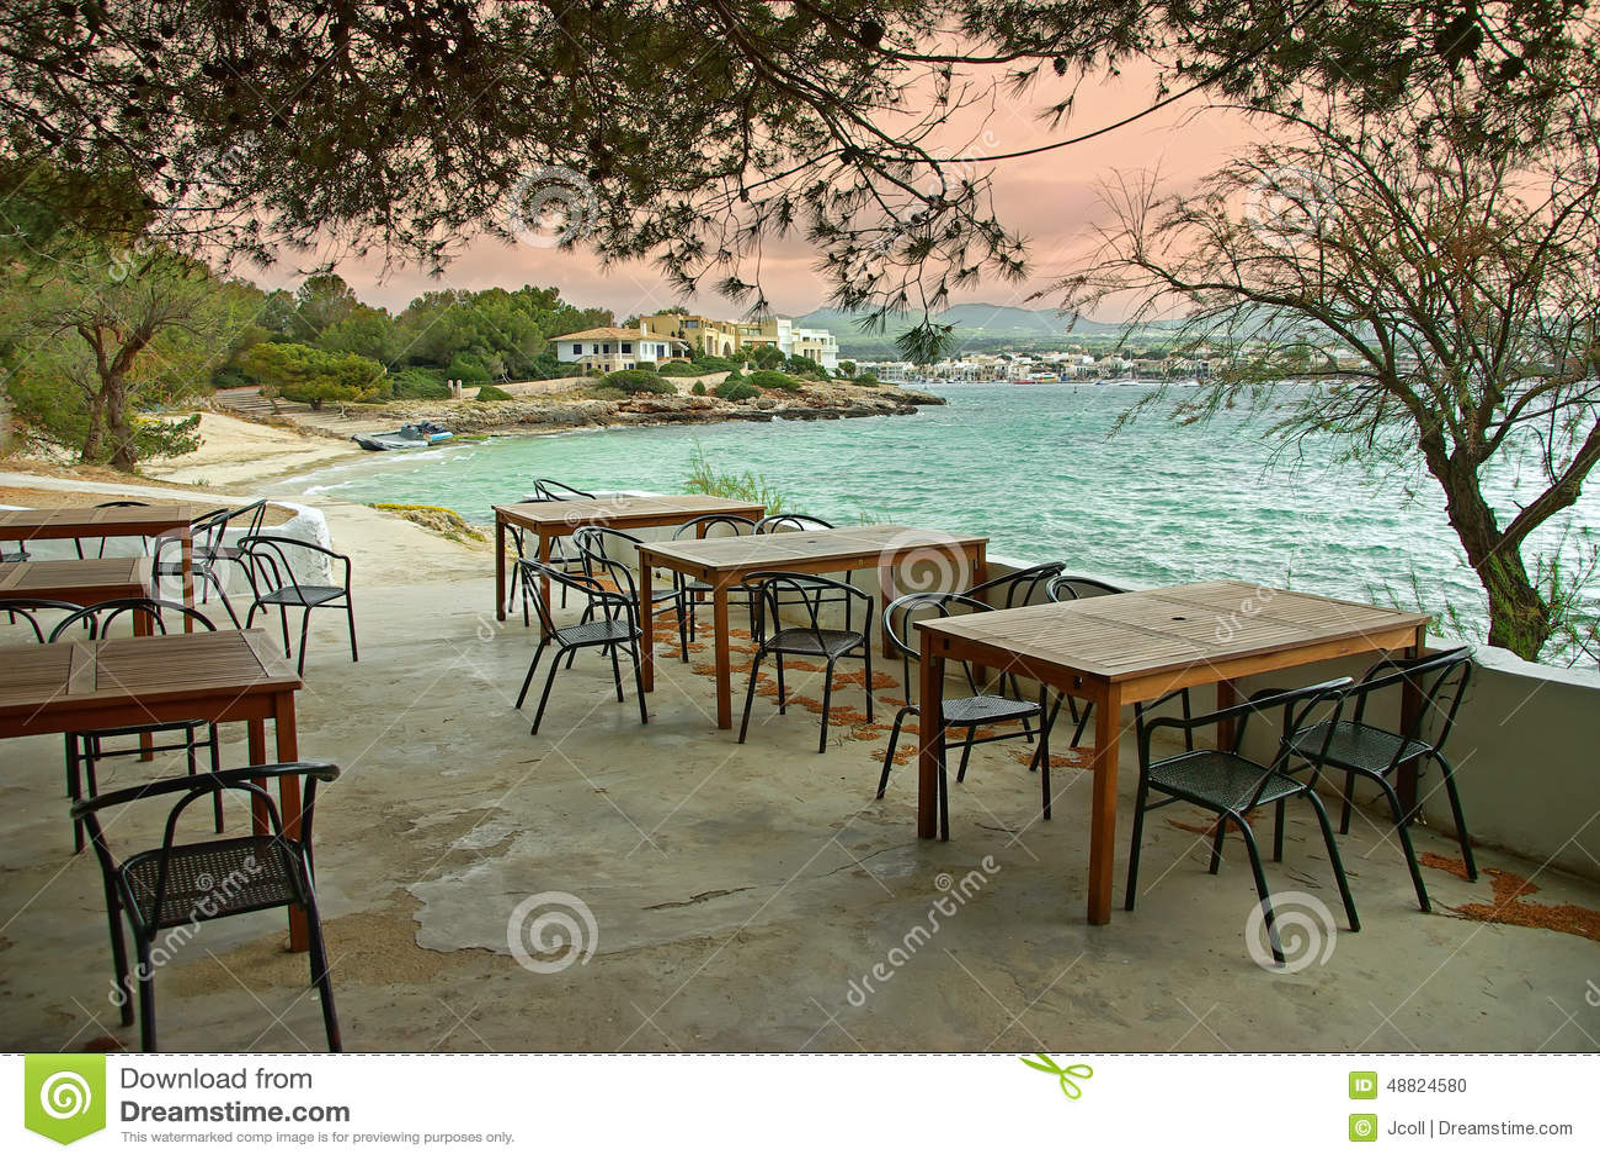 Zonsondergang in een mediterraan terras stock foto afbeelding 48824580 - Foto sluit een overdekt terras ...